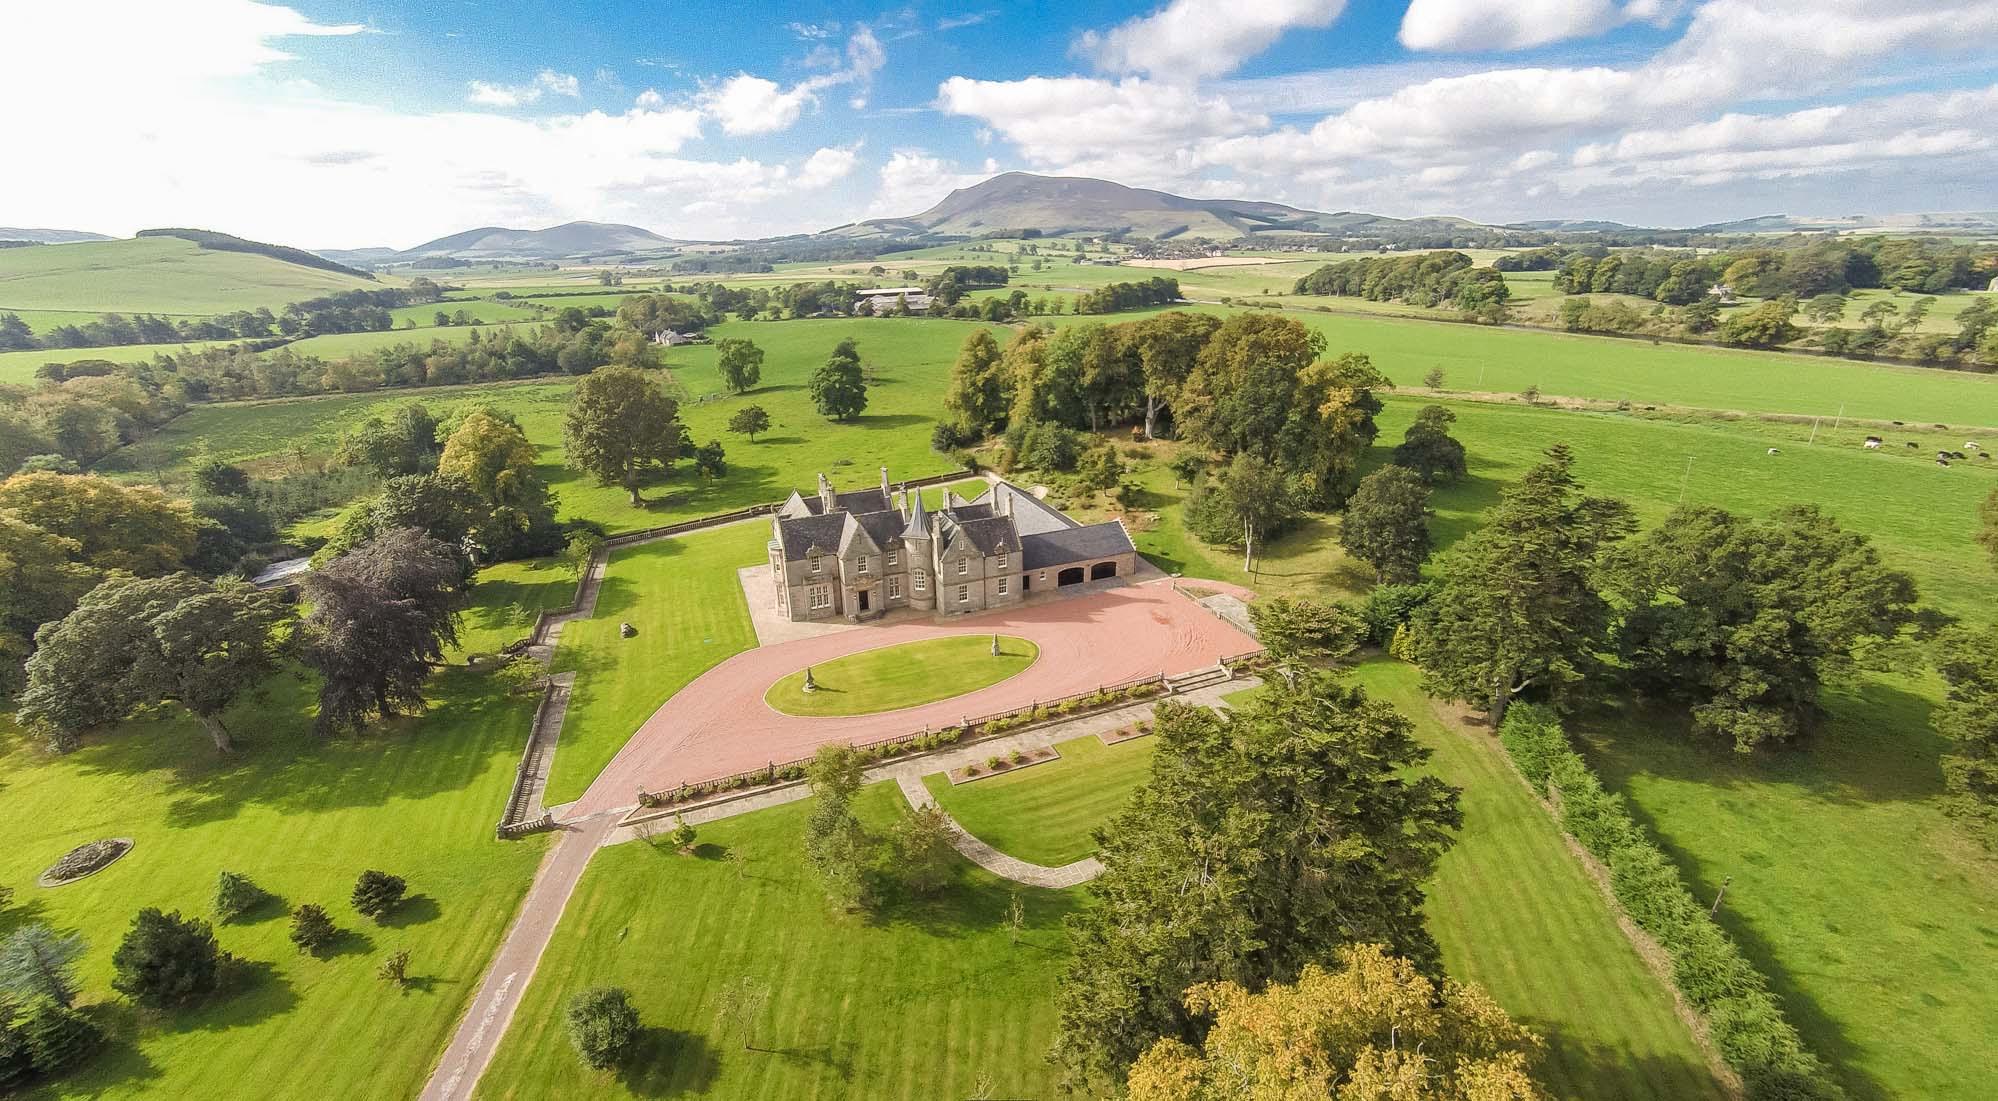 英国苏格兰乡村比加(Biggar)自然风景优美,是一个纯粹的田园牧歌之地